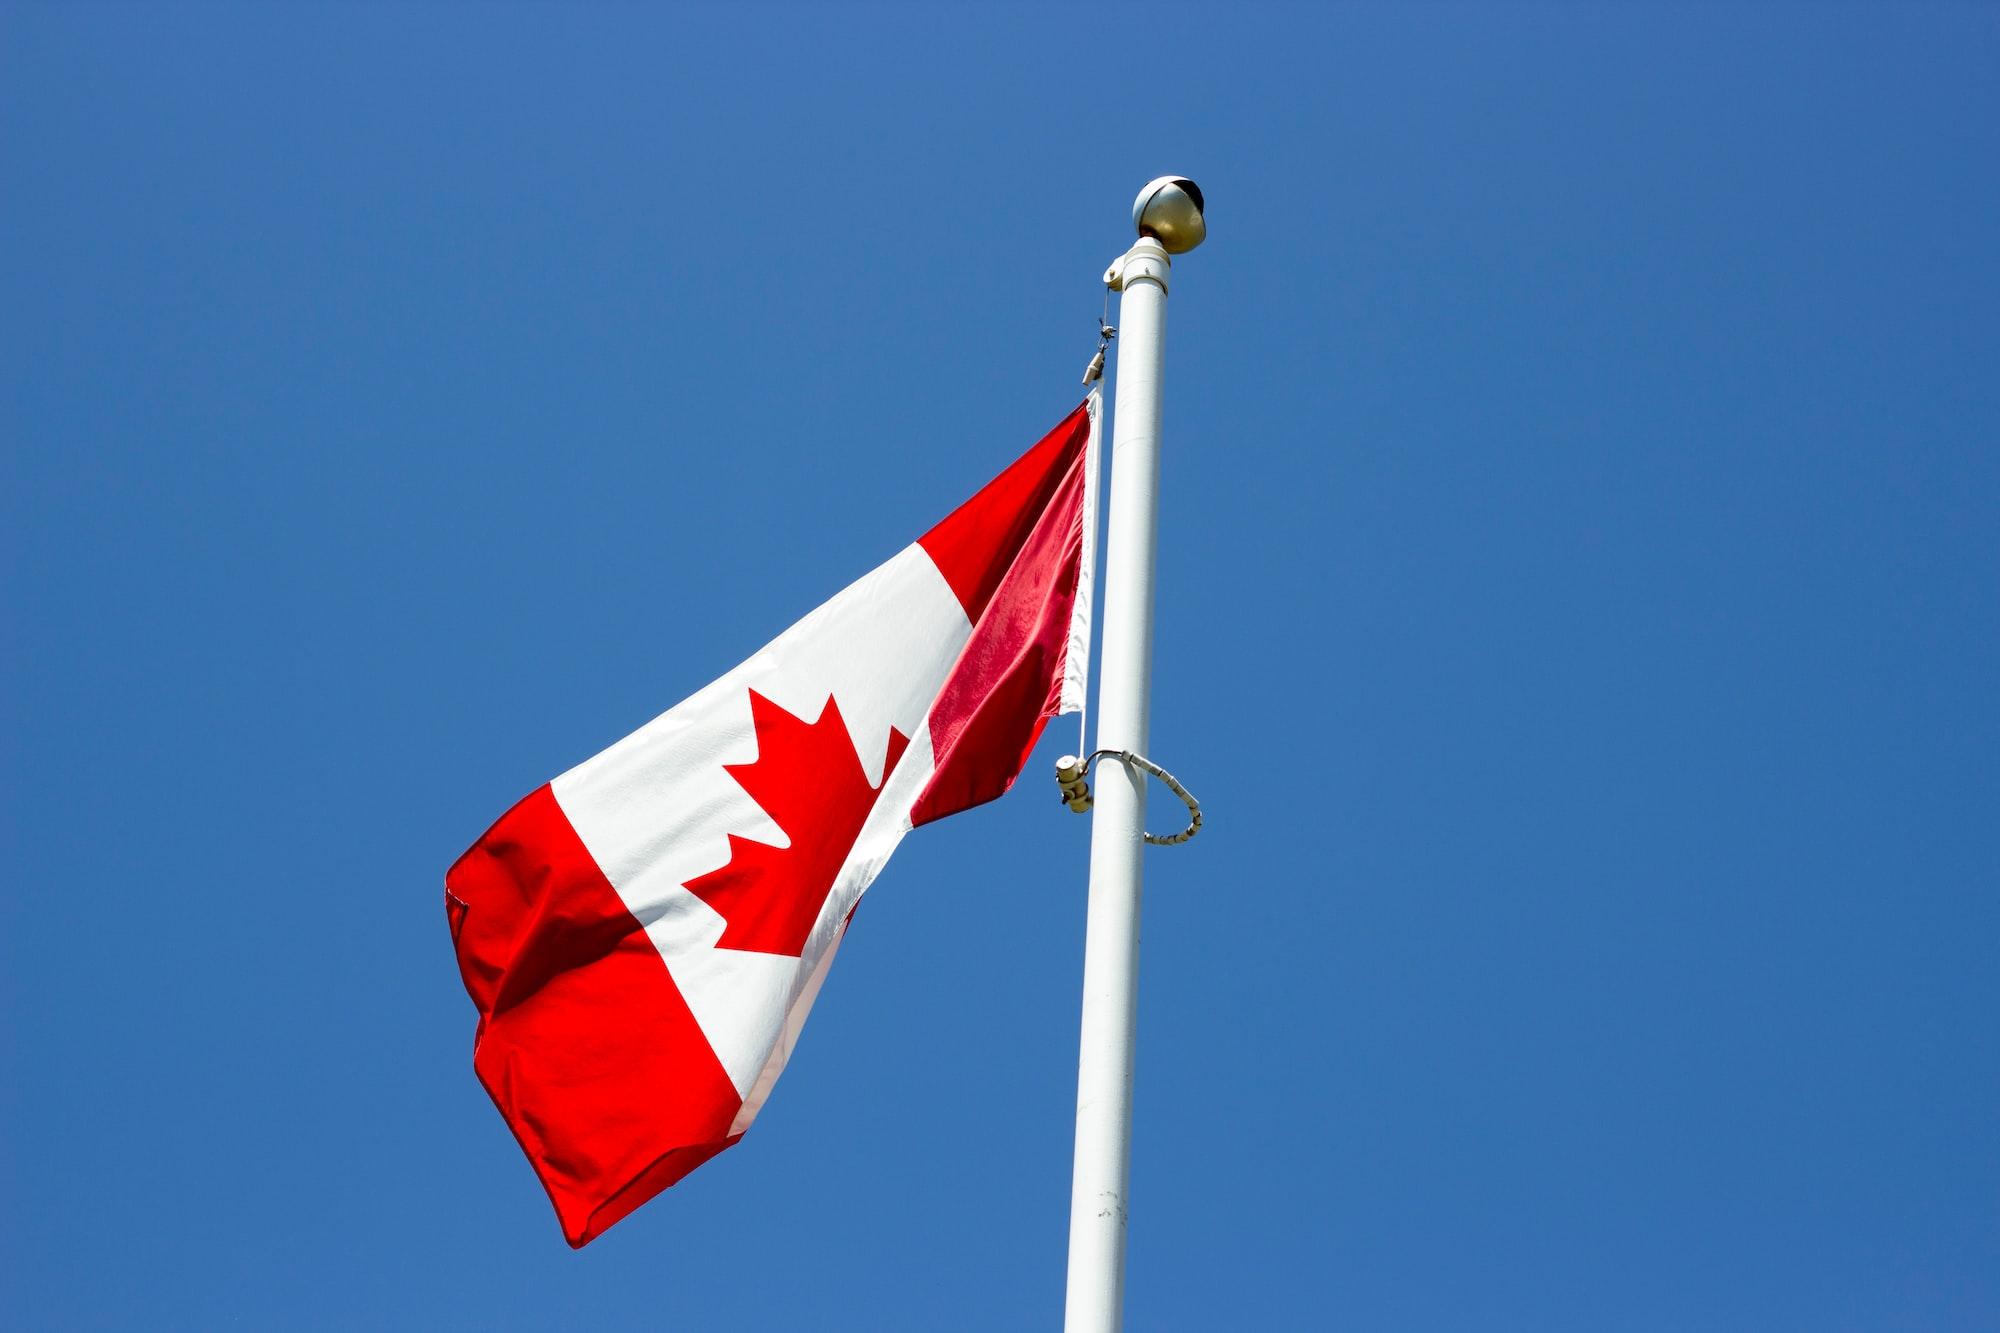 特鲁多:持旅游签者即将可入境加拿大!但有个前提……